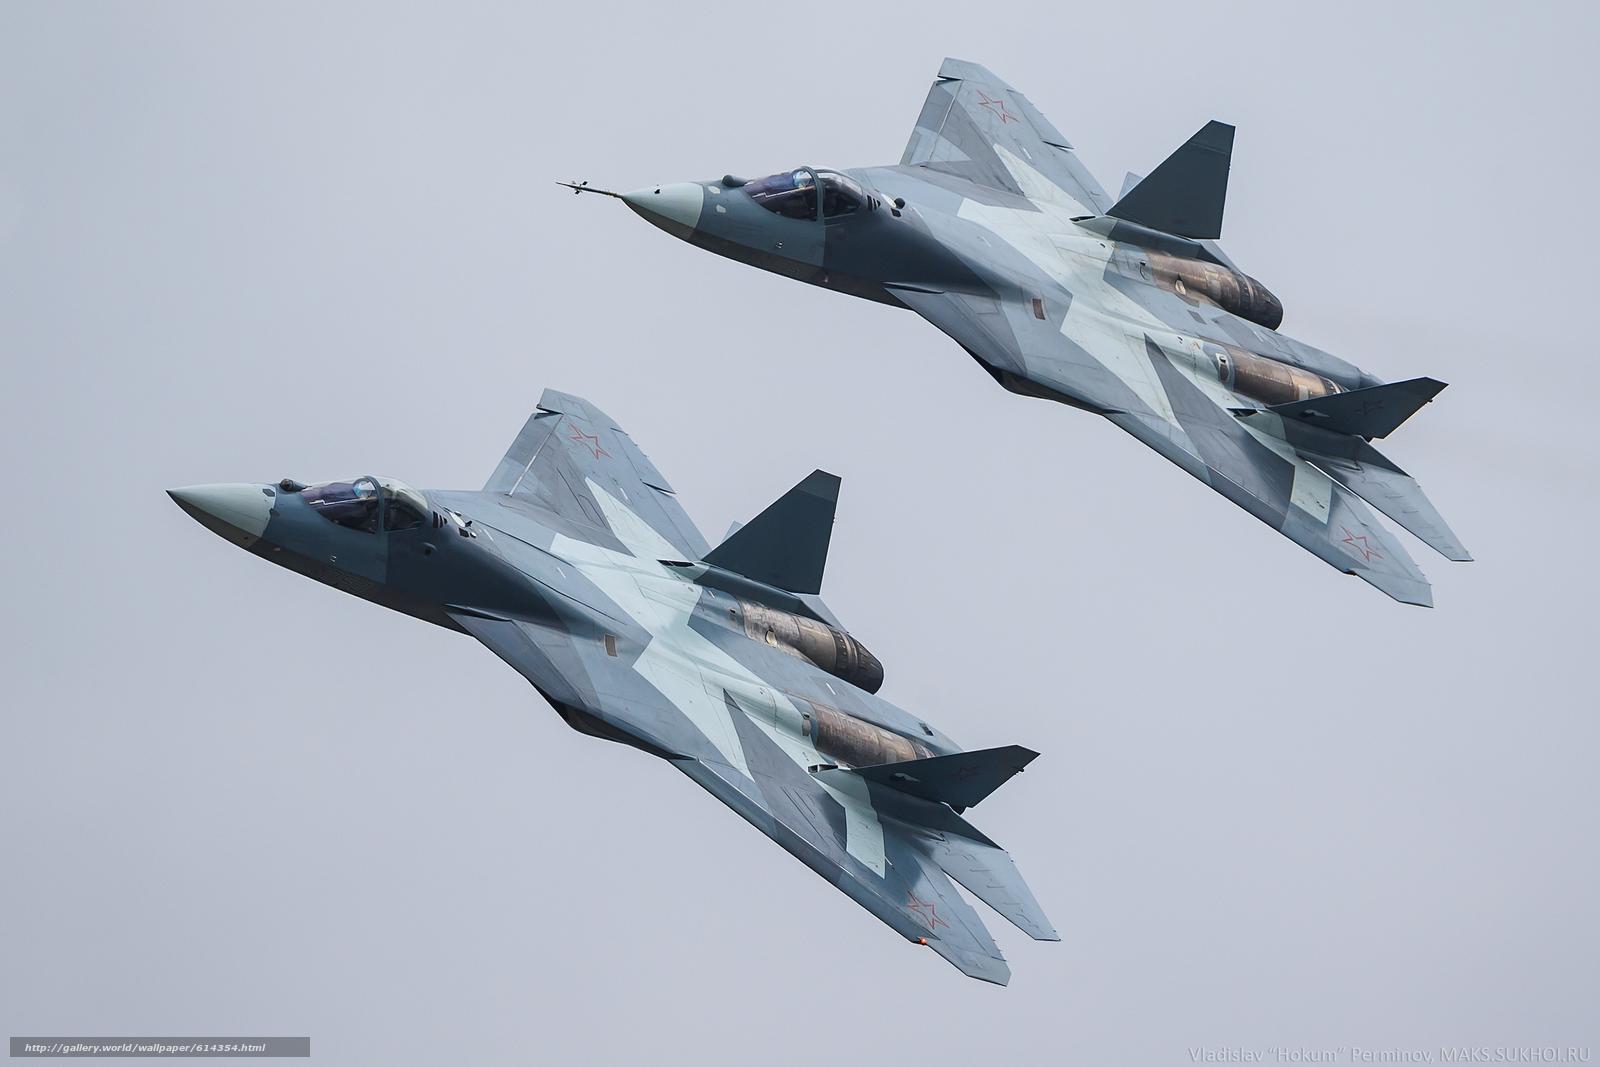 Скачать обои Авиация,  ВВС,  Россия,  ПАК ФА бесплатно для рабочего стола в разрешении 2560x1707 — картинка №614354